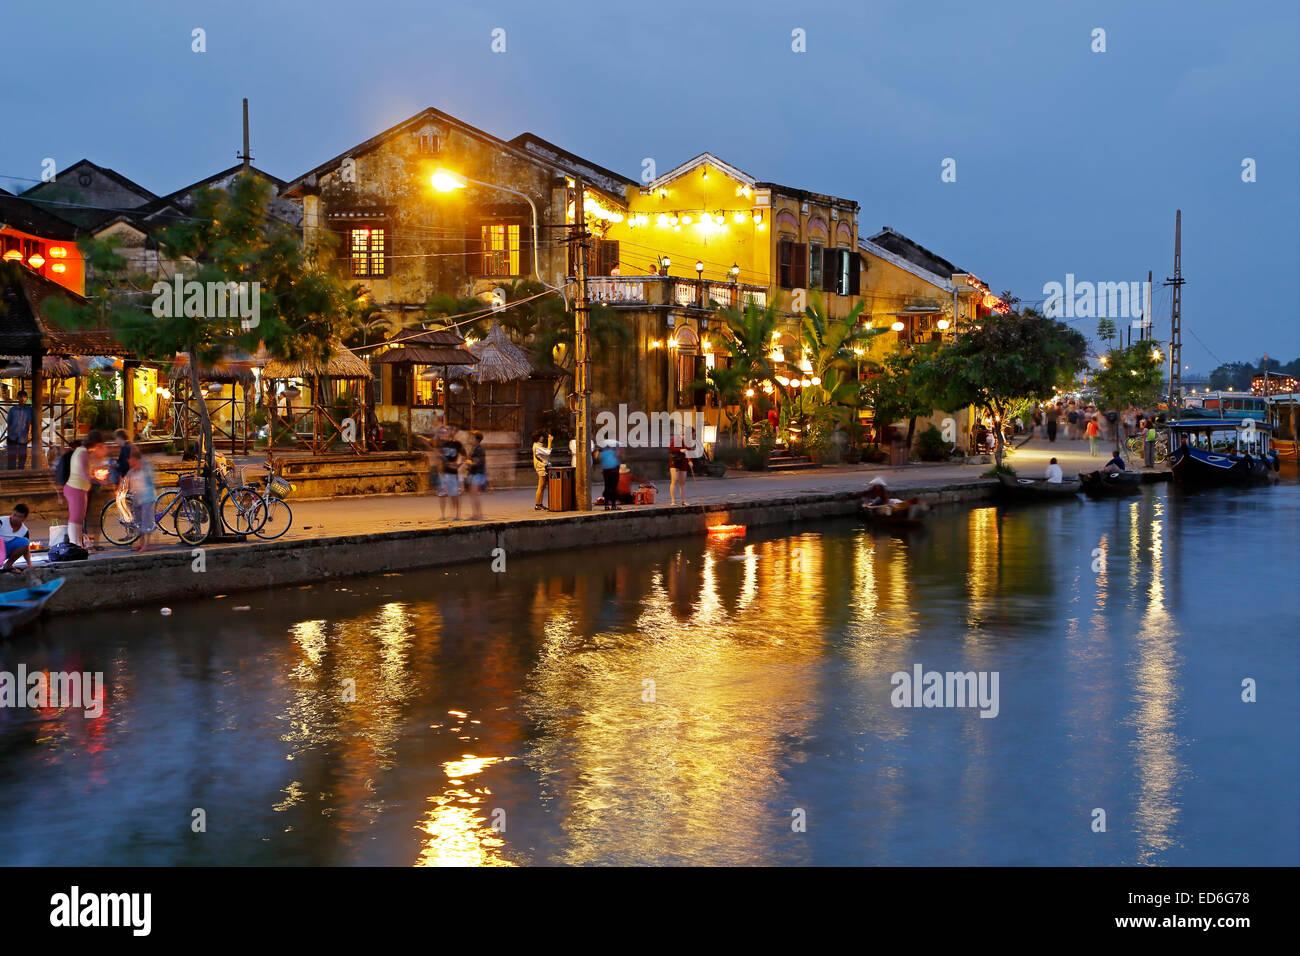 Scène de rue et la rivière Thu Bon, Hoi An, Vietnam Photo Stock